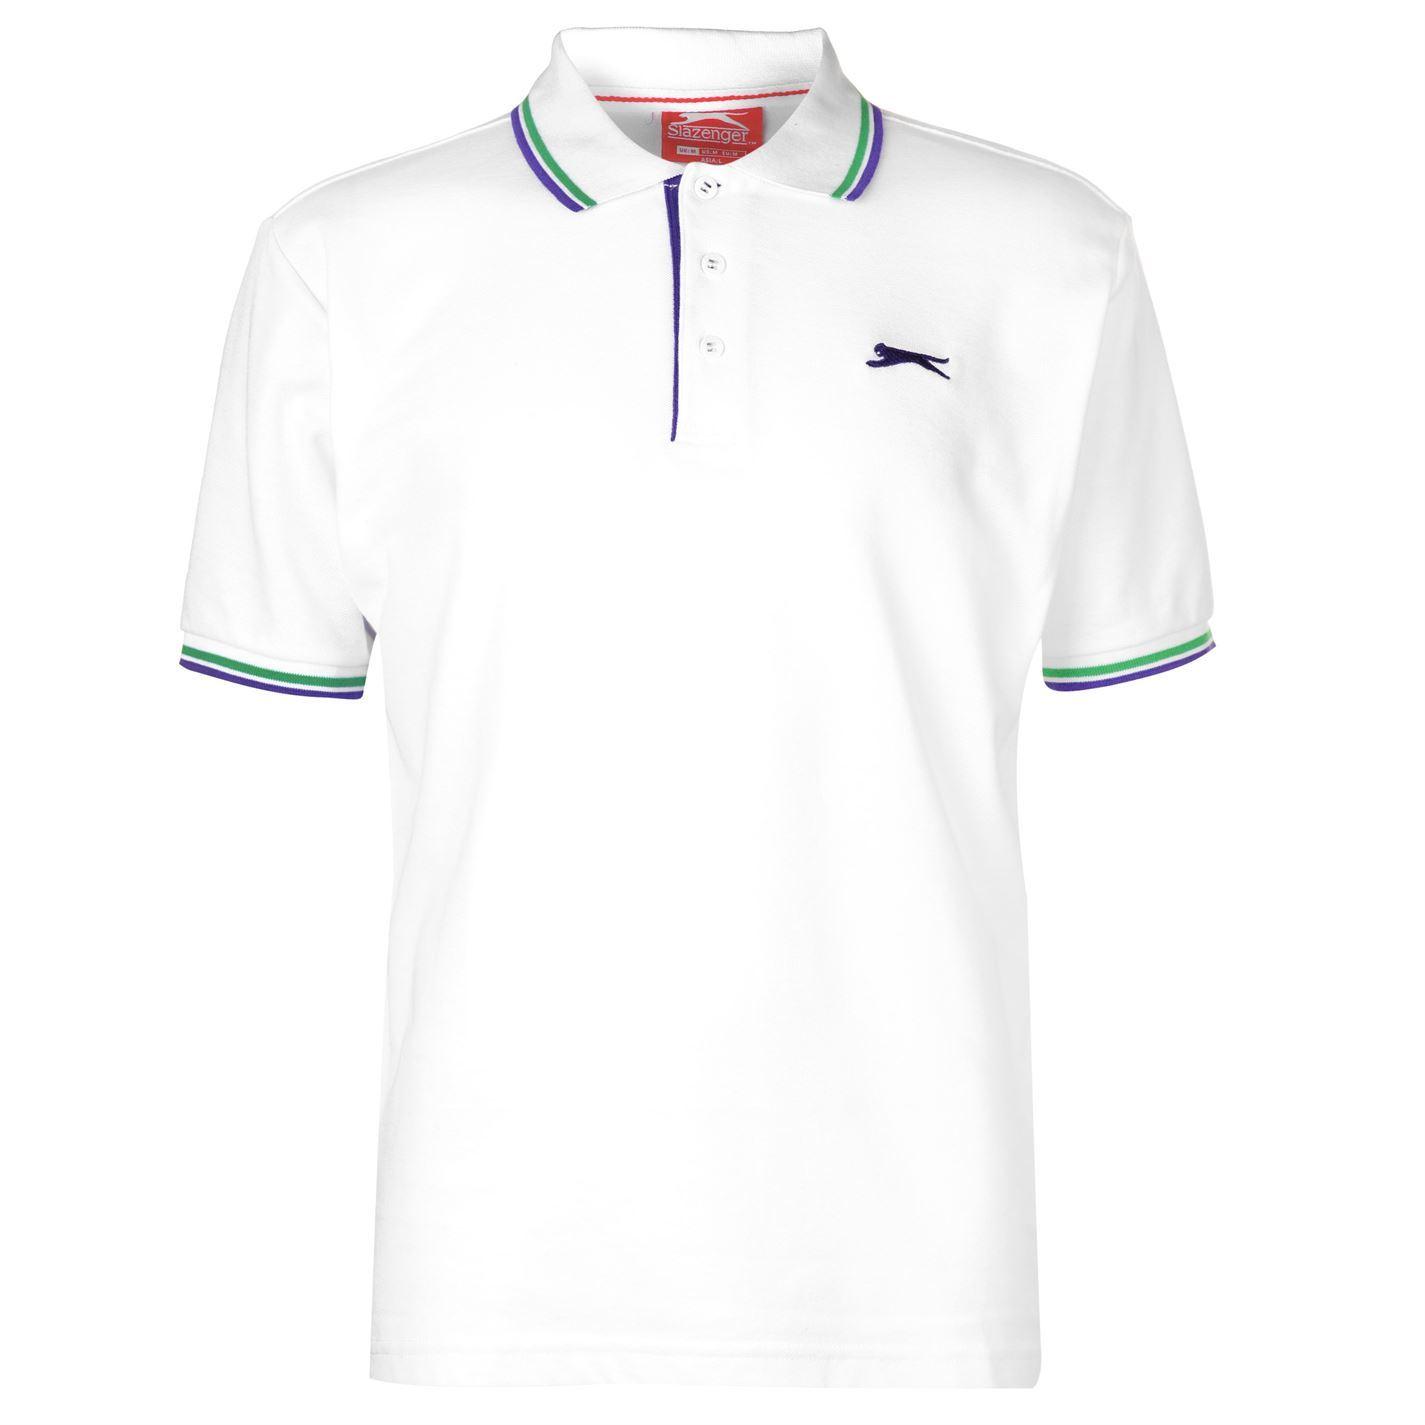 Slazenger-Polo-Camisa-de-hombre-con-cuello-con-Punta-T-Shirt-Top-Camiseta-Tee miniatura 87